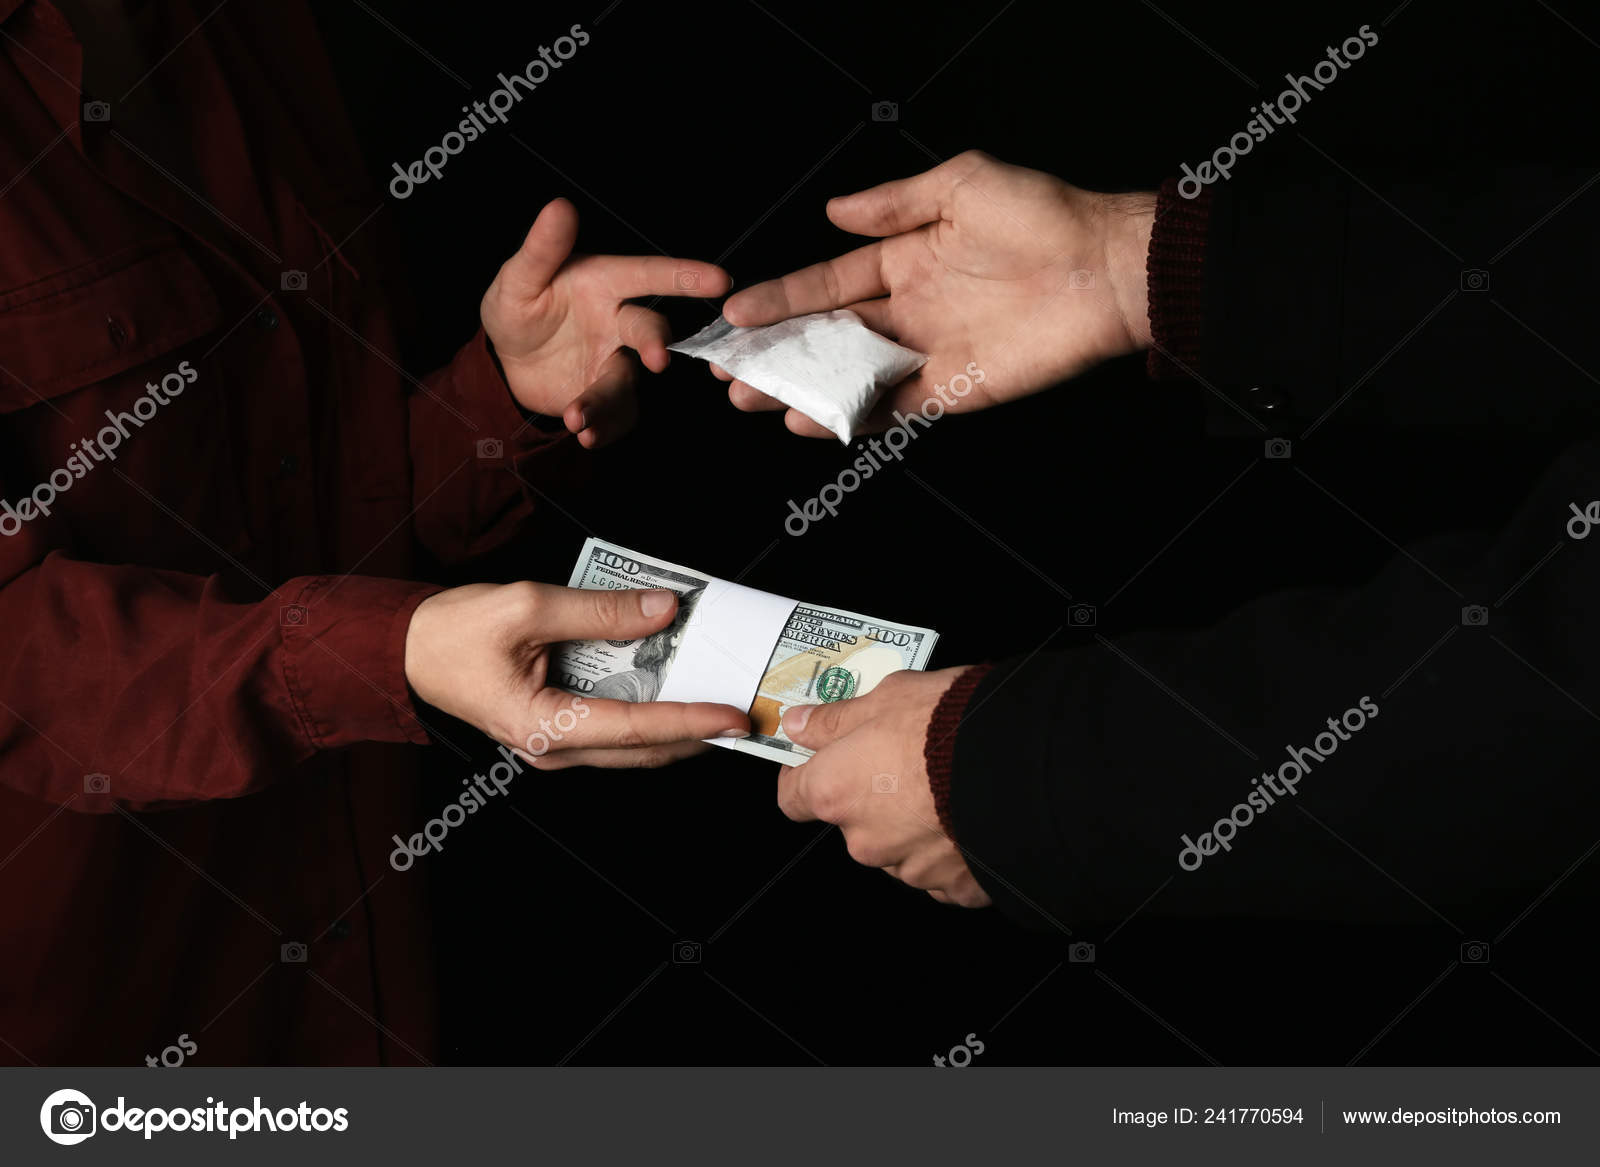 chatfriends